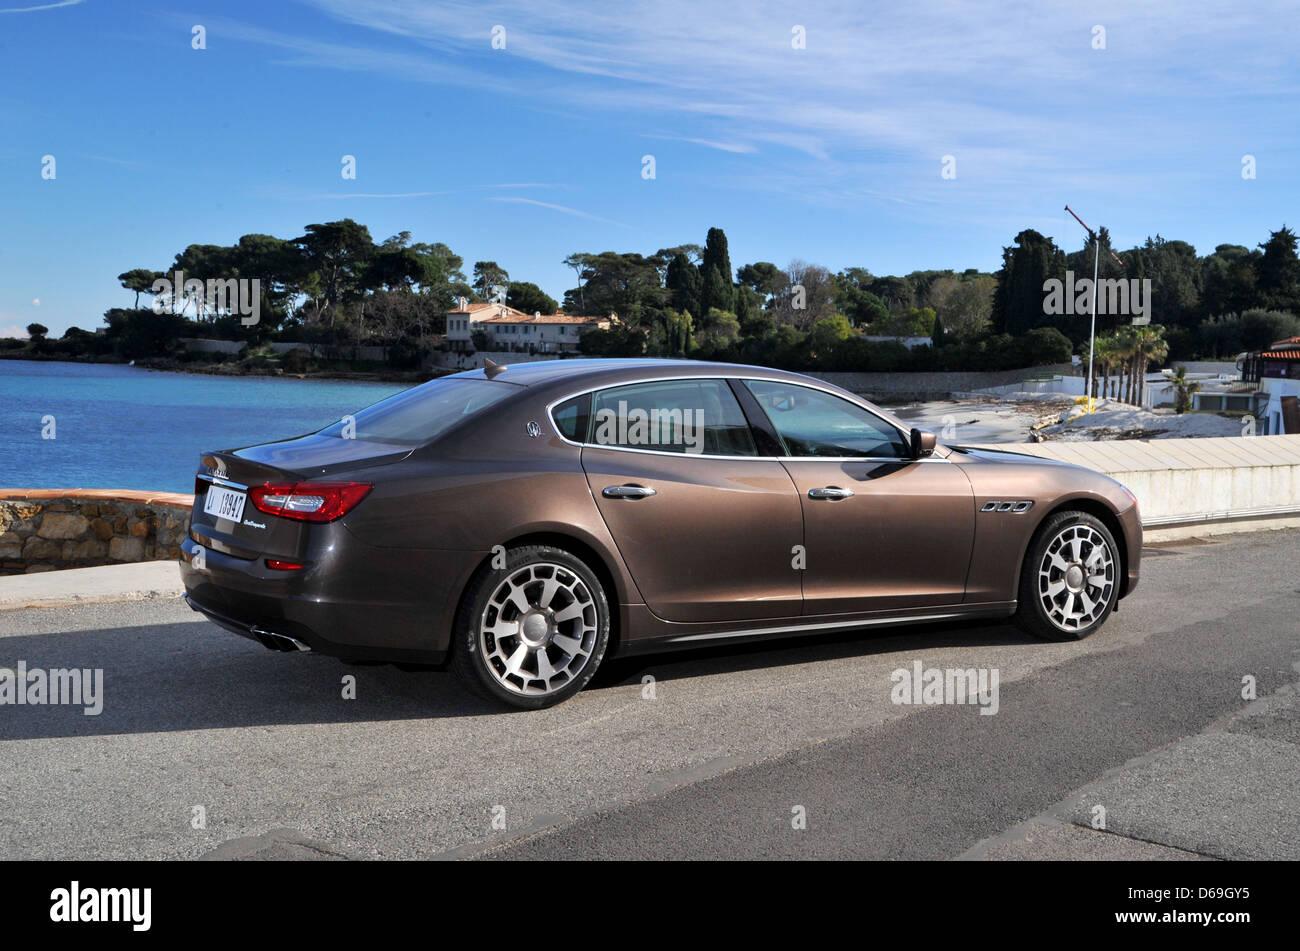 2013 Maserati Quattroporte on the French Riviera - Stock Image